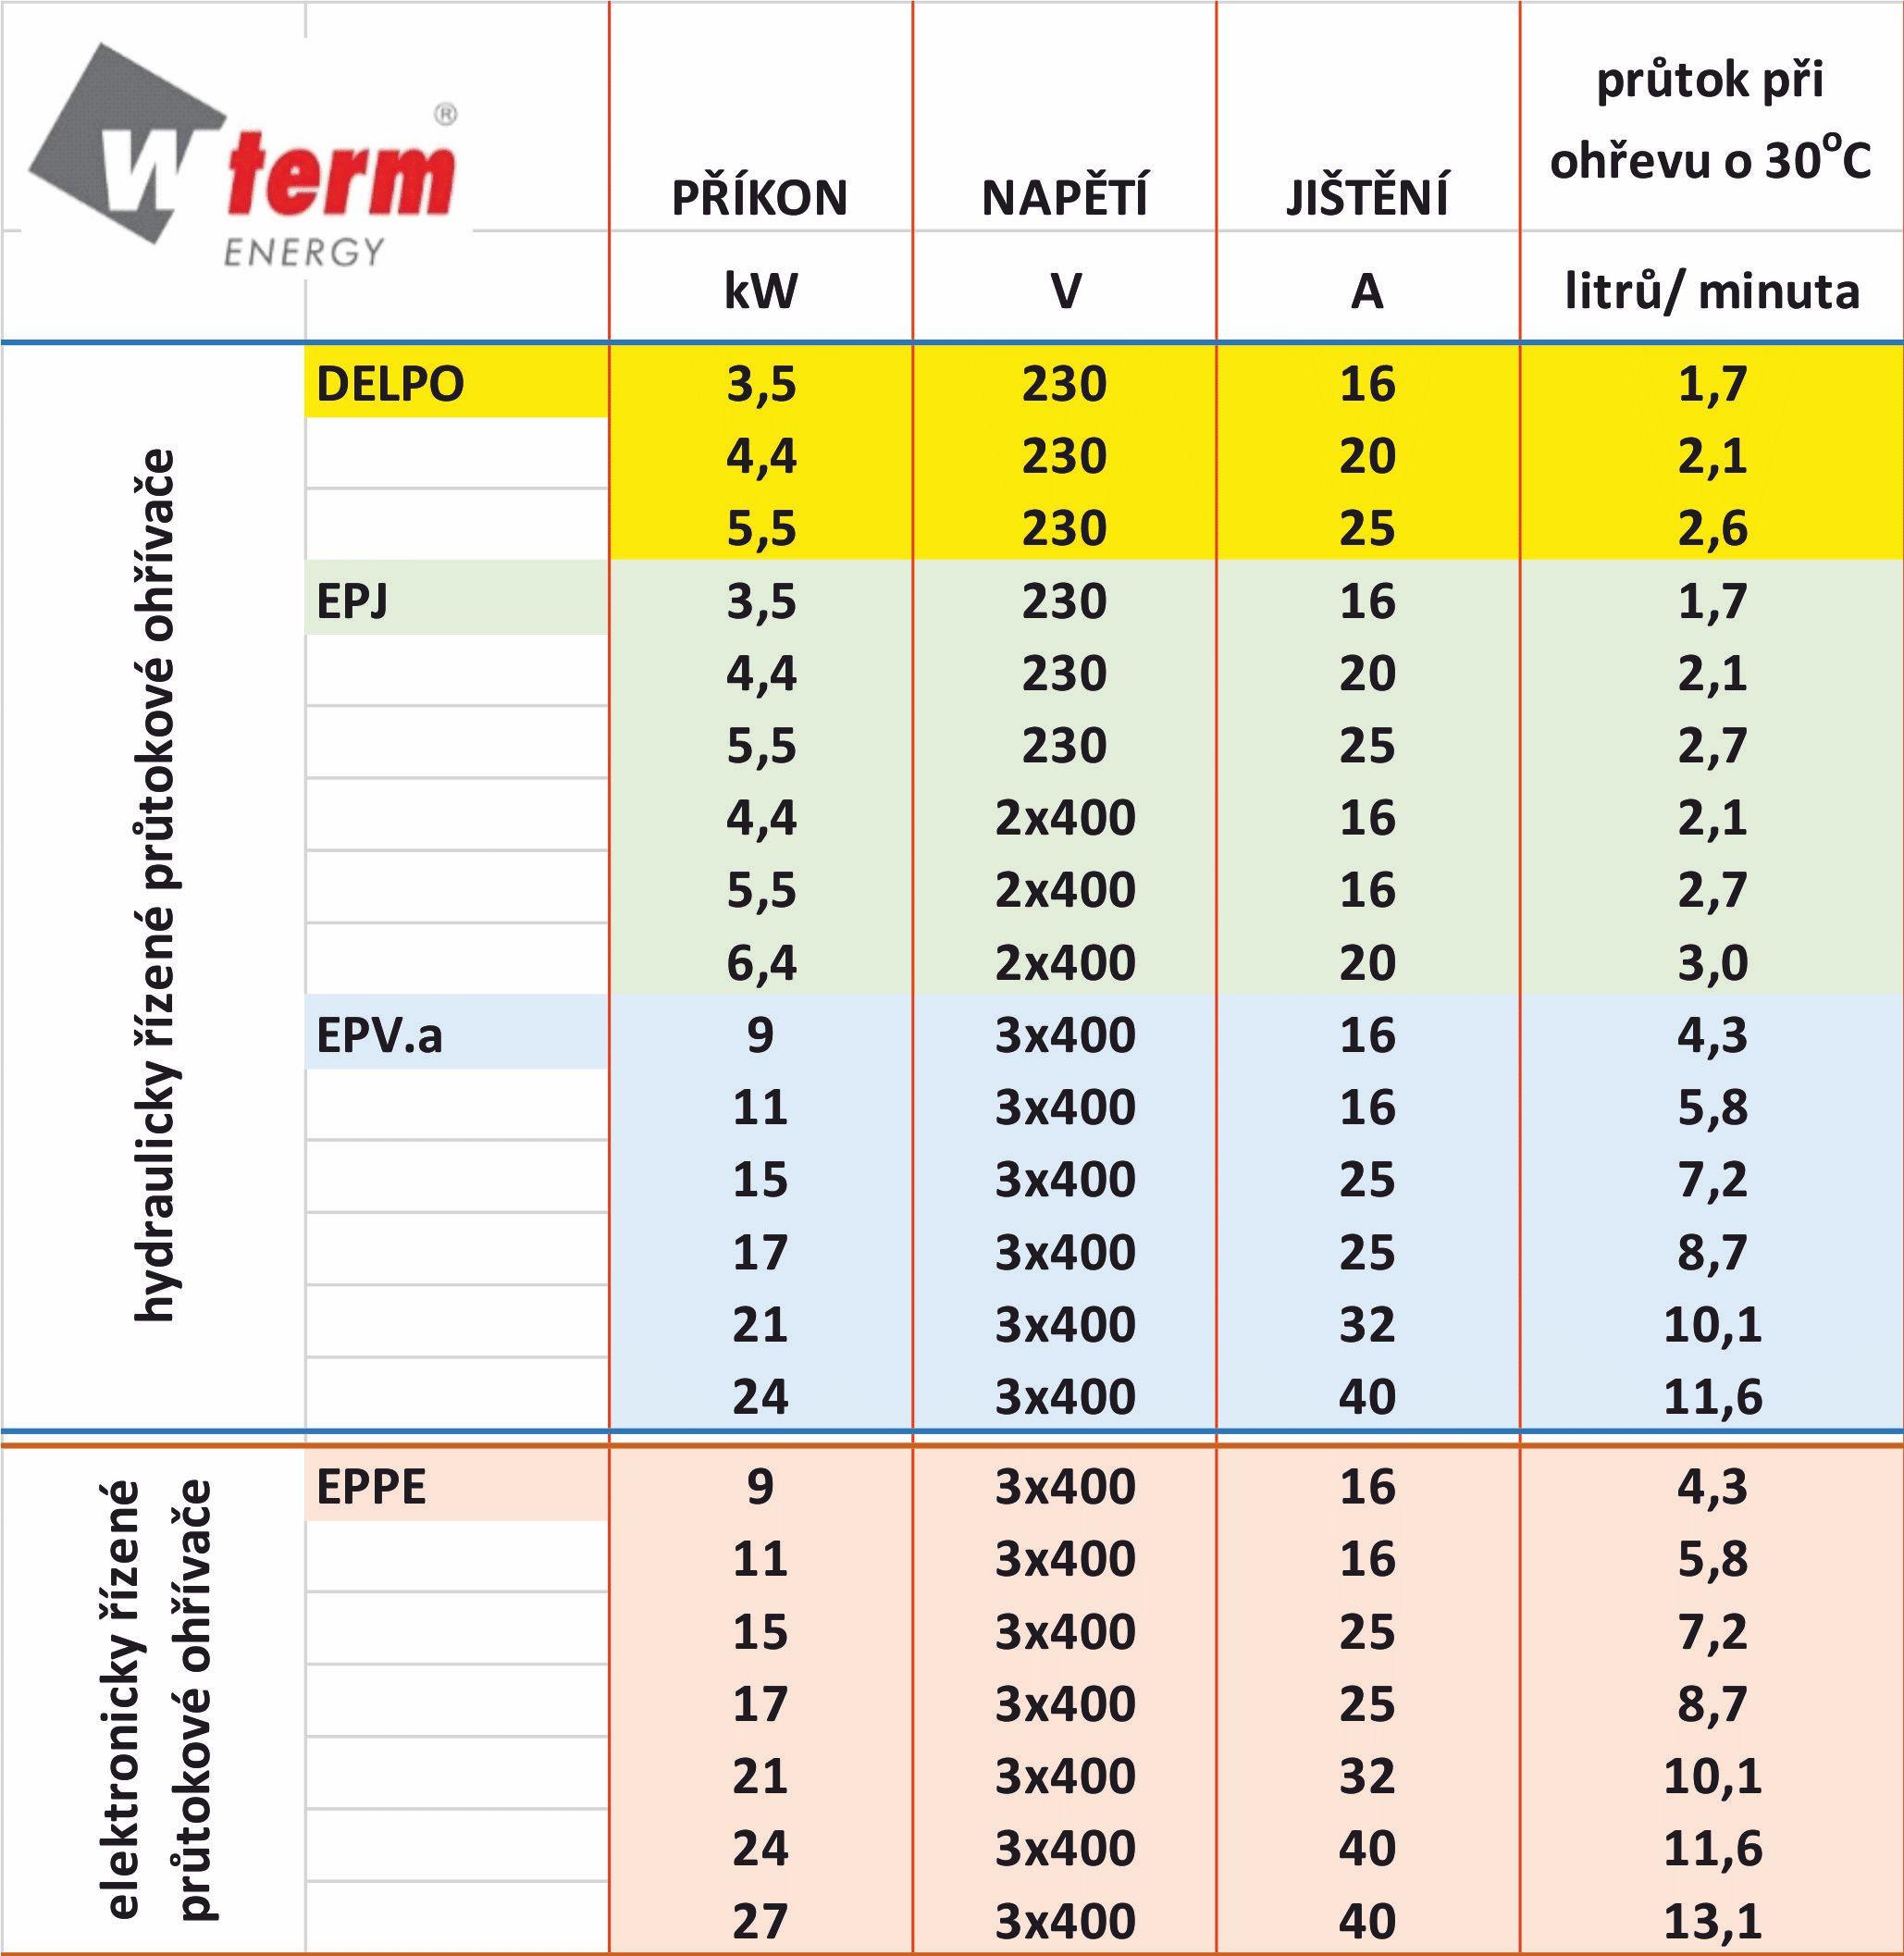 tabulka parametrů ohřívačů wterm